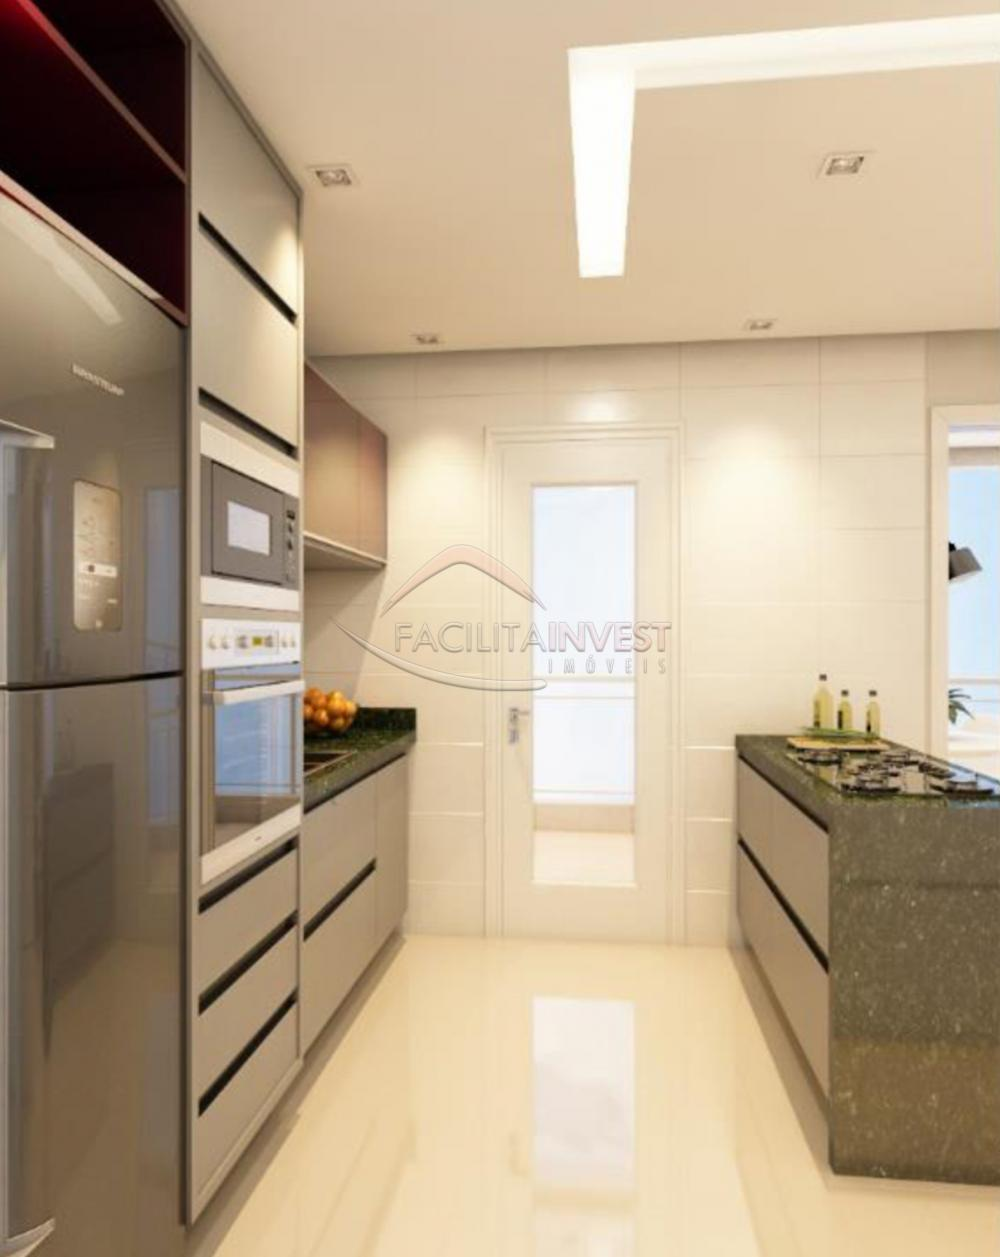 Comprar Lançamentos/ Empreendimentos em Construç / Apartamento padrão - Lançamento em Ribeirão Preto apenas R$ 590.297,00 - Foto 2